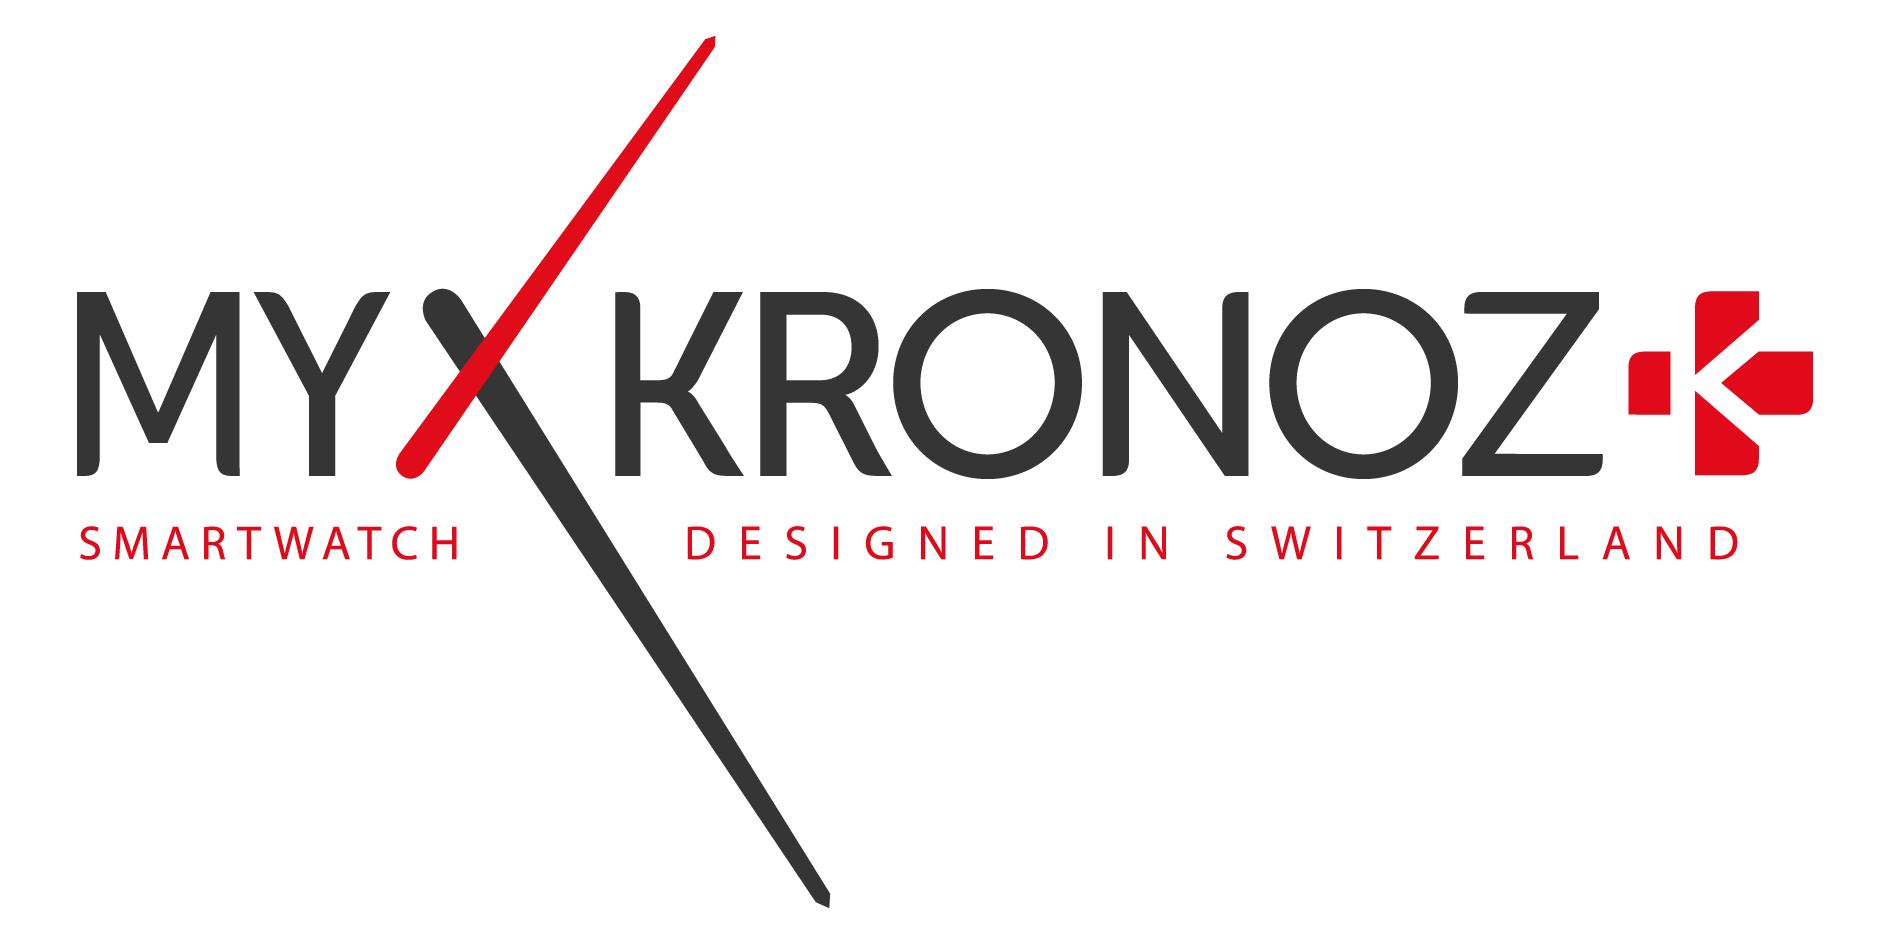 Guide d'achat : les meilleures smartwatch MyKronoz à moins de 100 euros